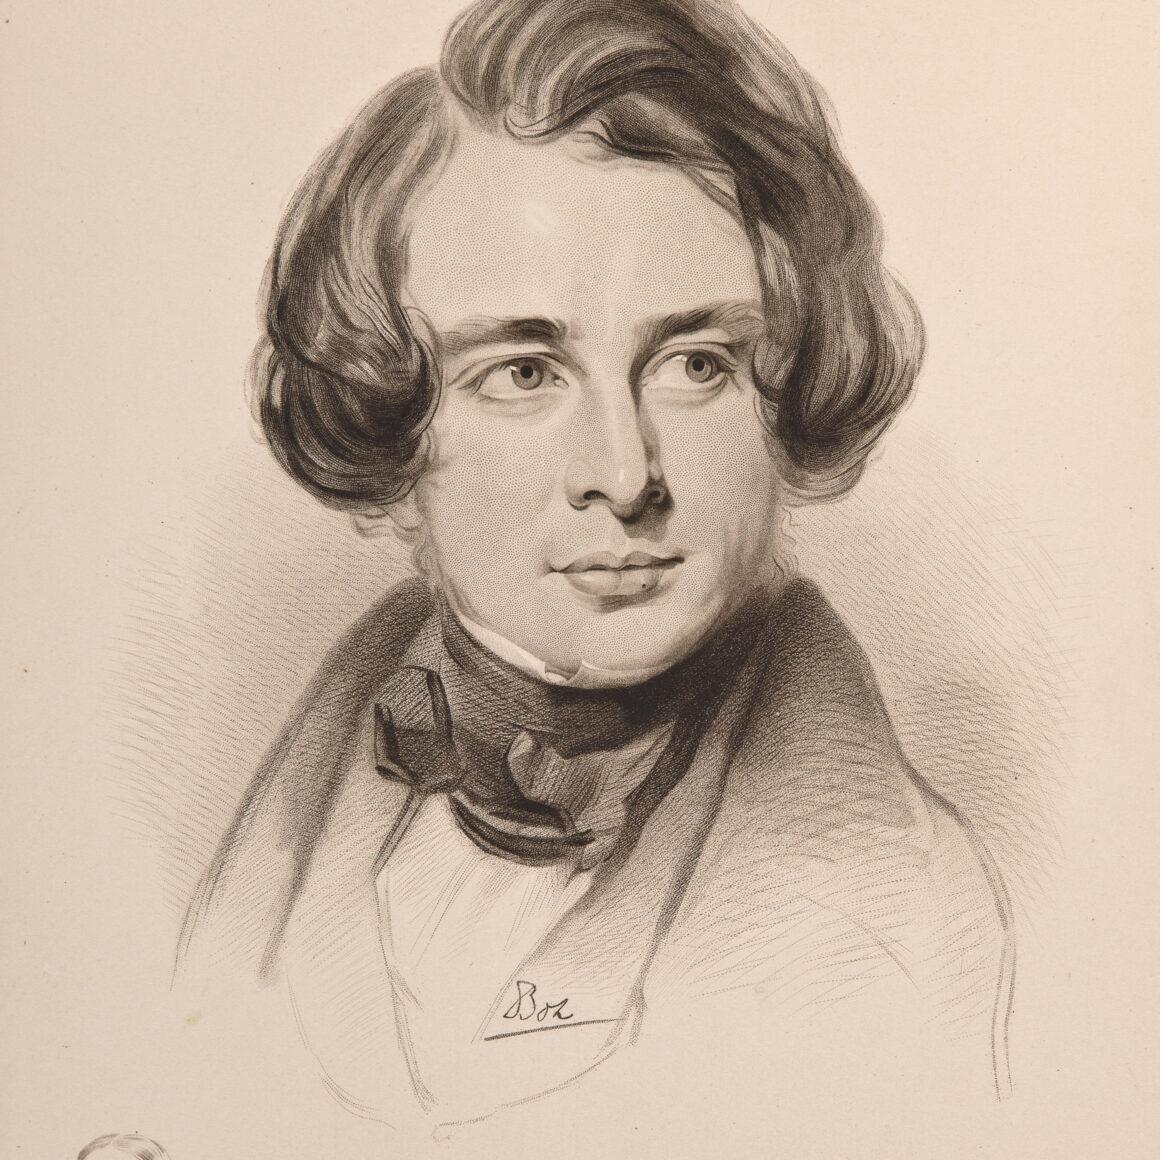 Dibuix - retrat de Charles Dickens 1842